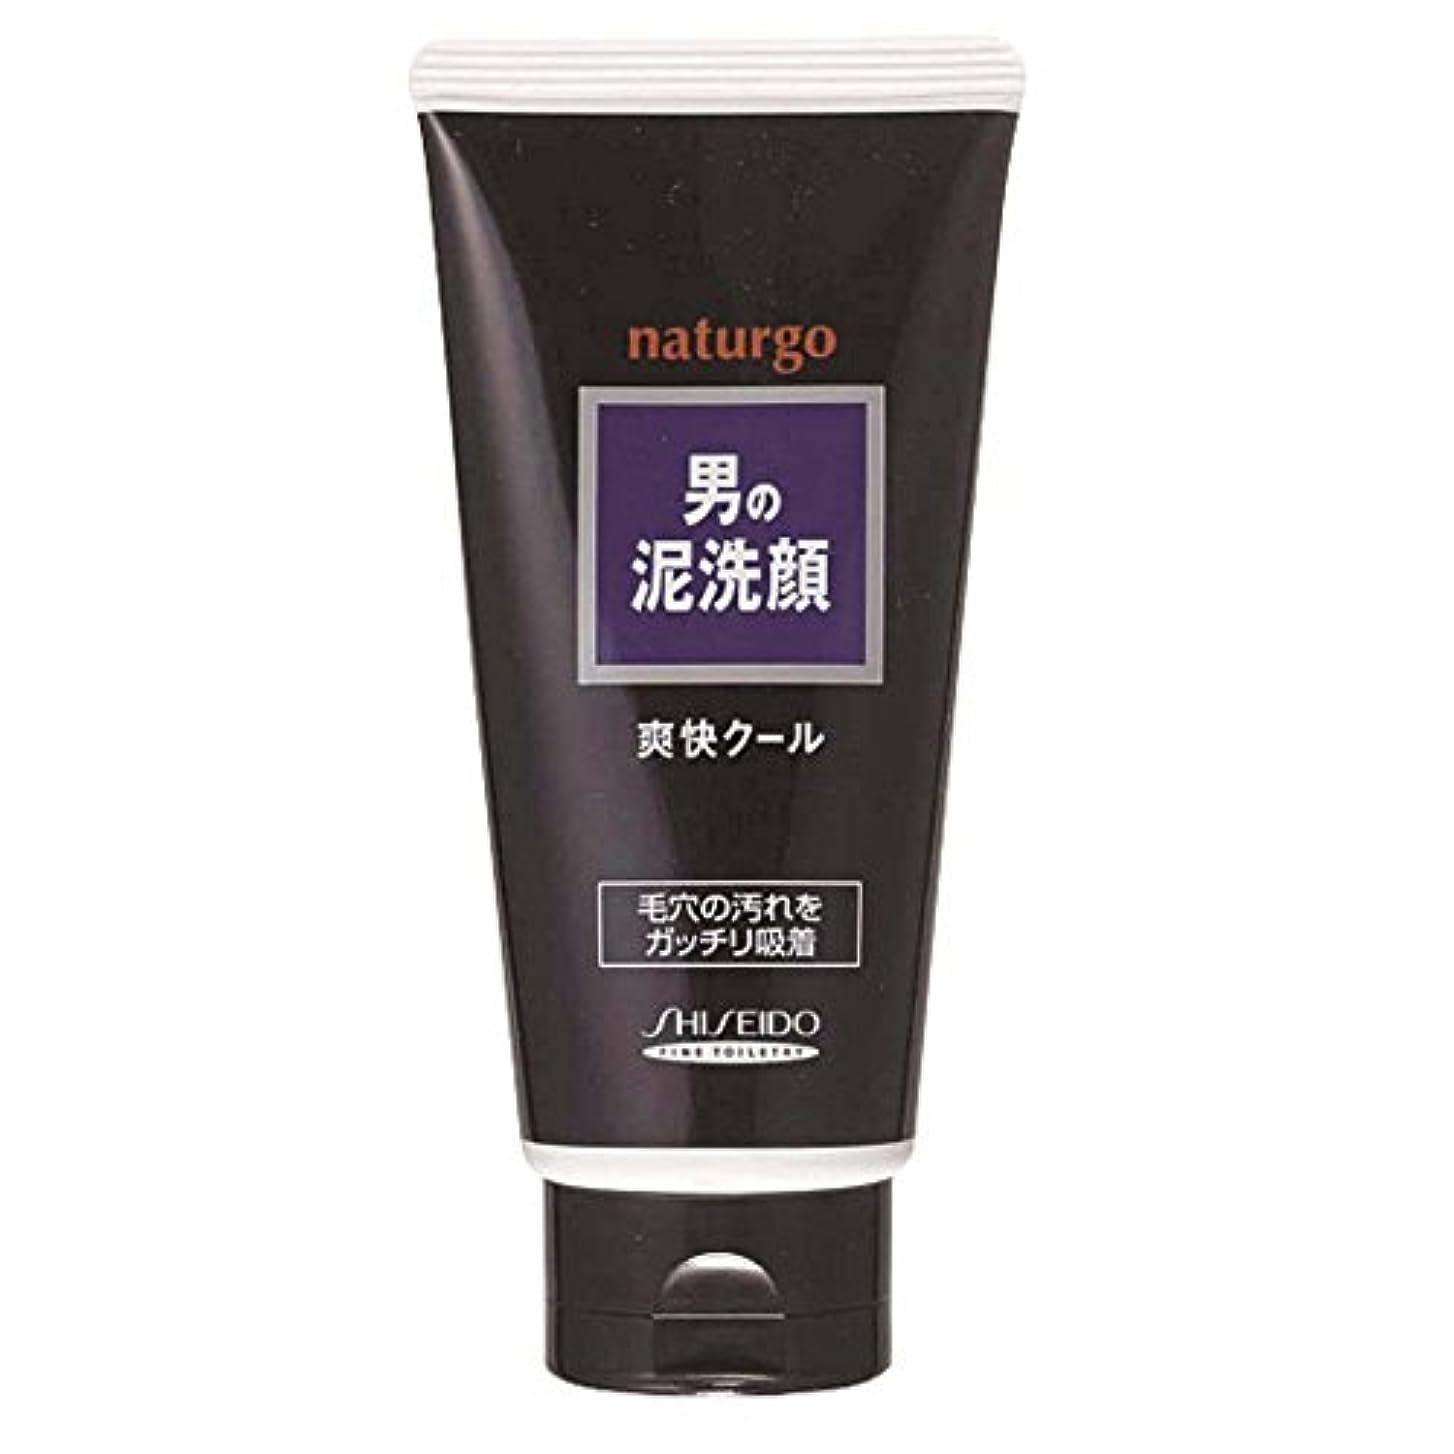 ノイズ信じられない科学的ナチュルゴ メンズクレイ洗顔フォーム黒 130g